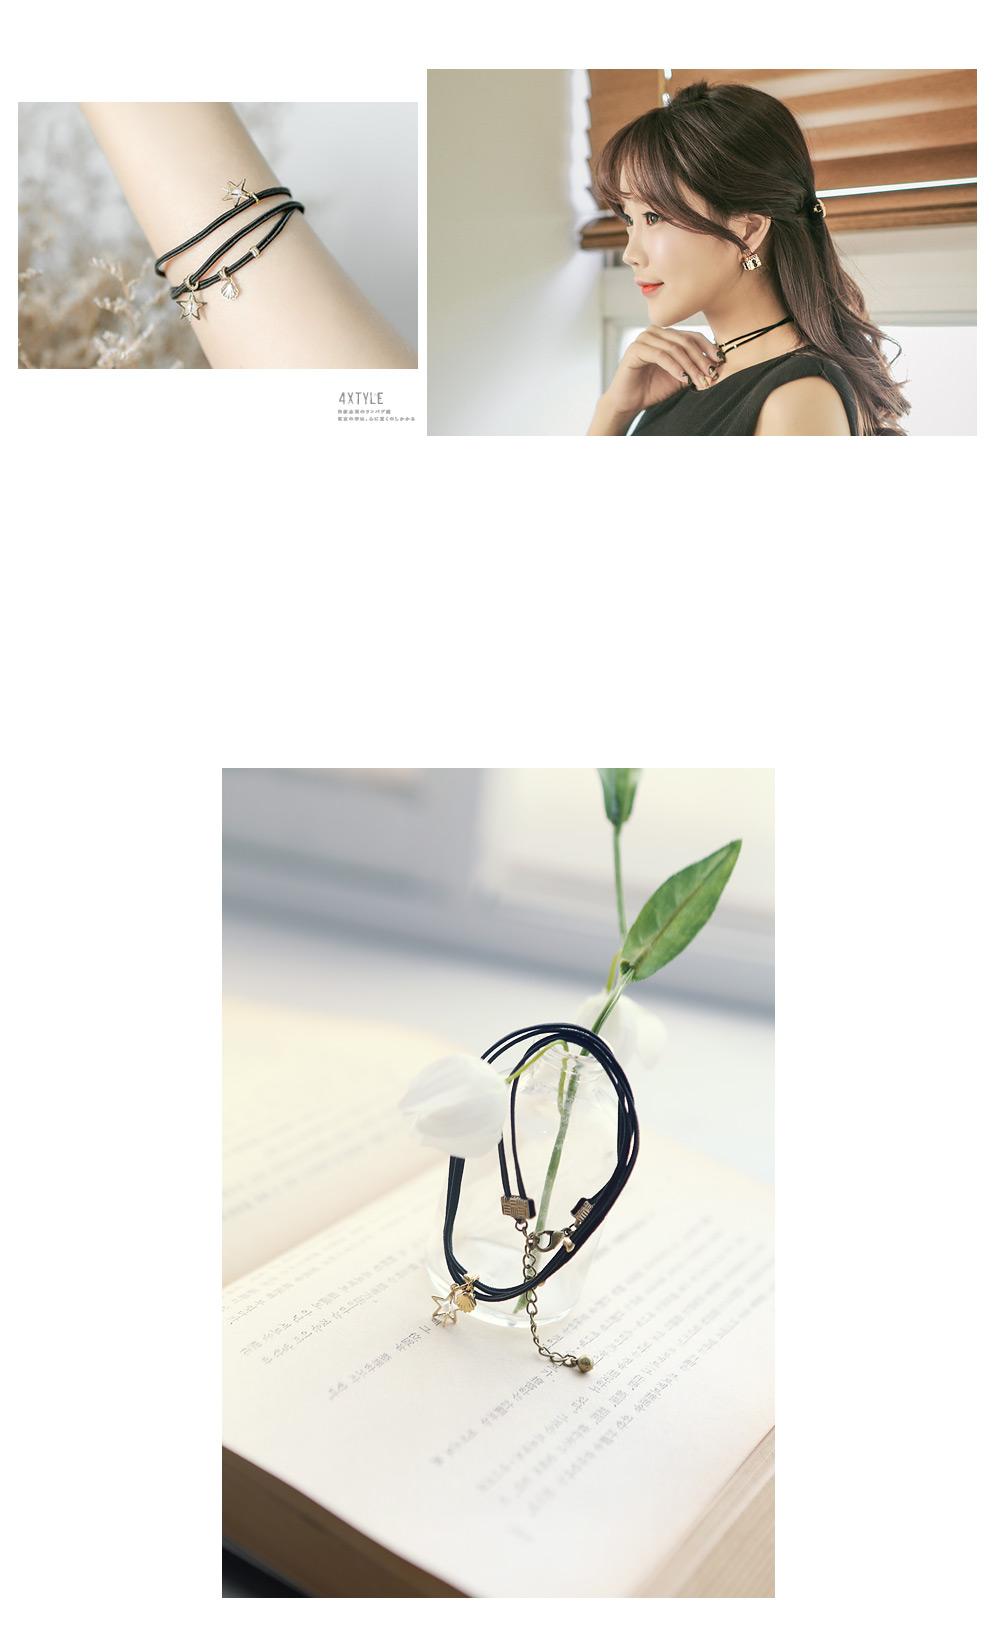 아쿠아 초커 세트 - 폭스타일, 14,000원, 주얼리세트, 패션세트